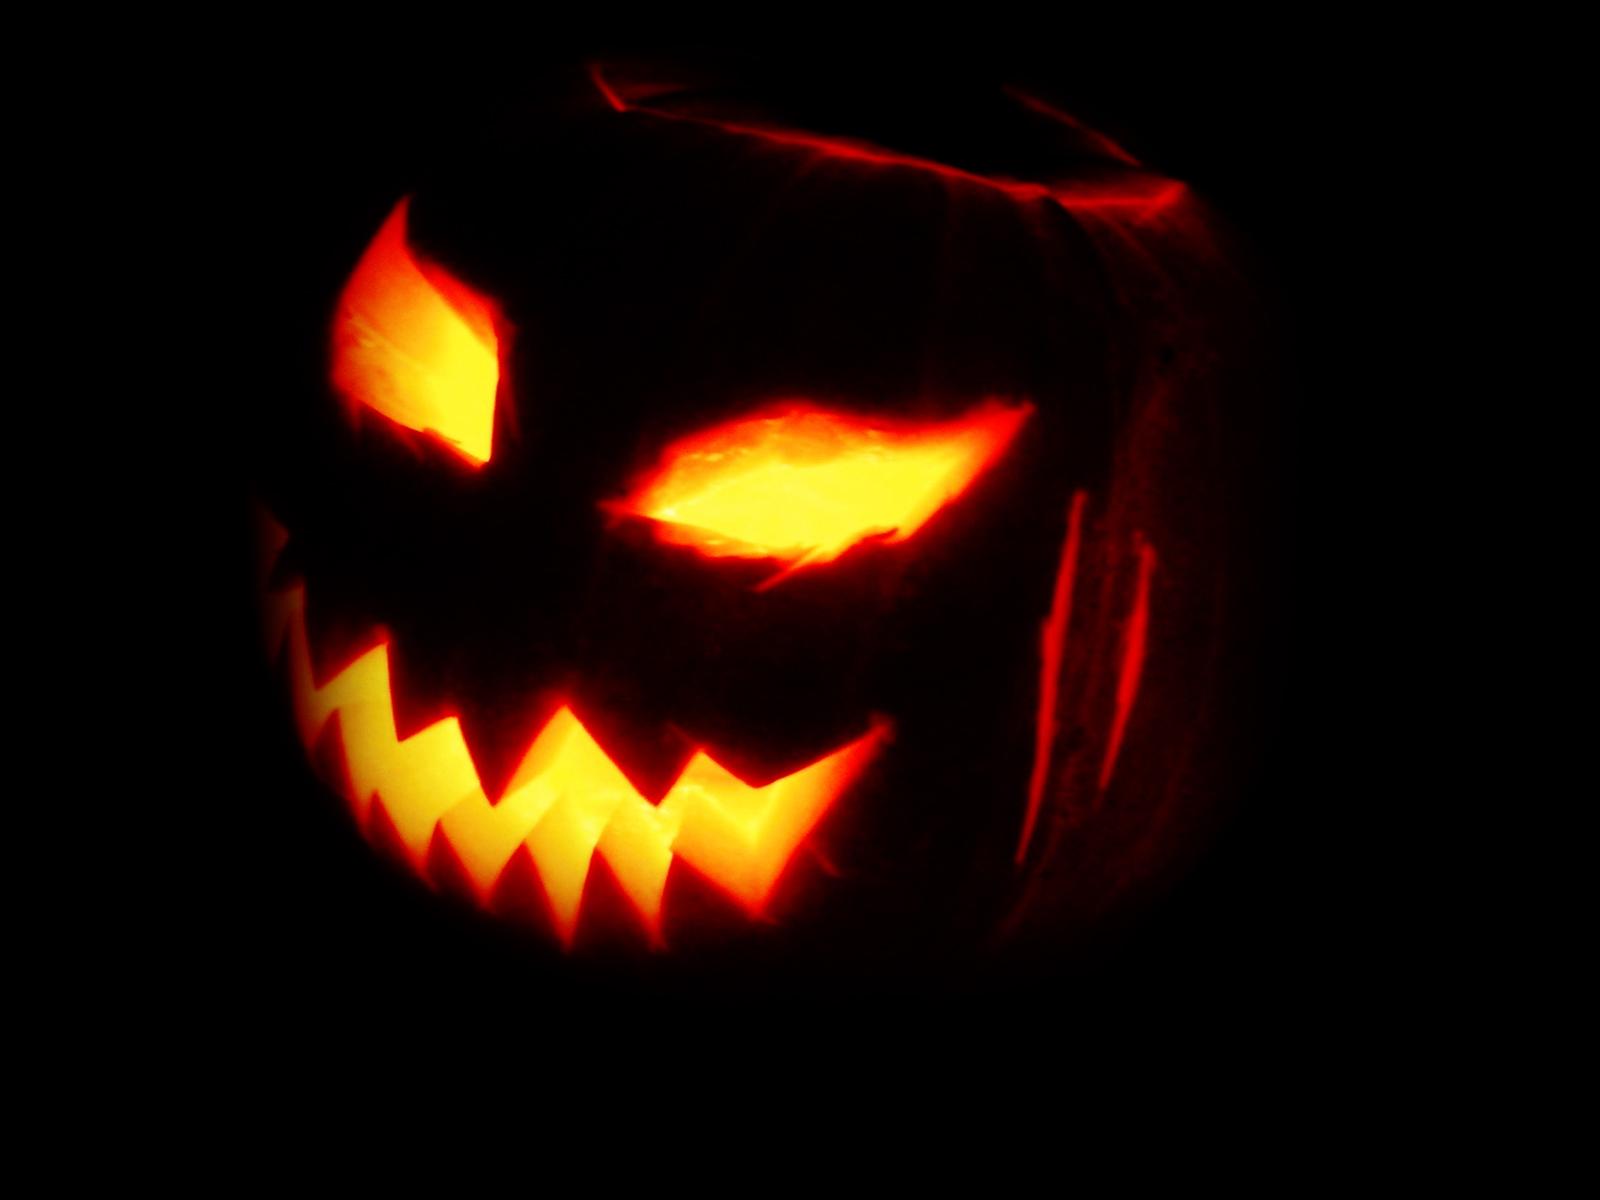 http://3.bp.blogspot.com/-4uHH43G7oYw/Tp7qMqB8qCI/AAAAAAAADk4/RSG9Fv_0974/s1600/Haloween_Pumpking_Lights_Wallpaper_Vvallpaper.Net.jpg